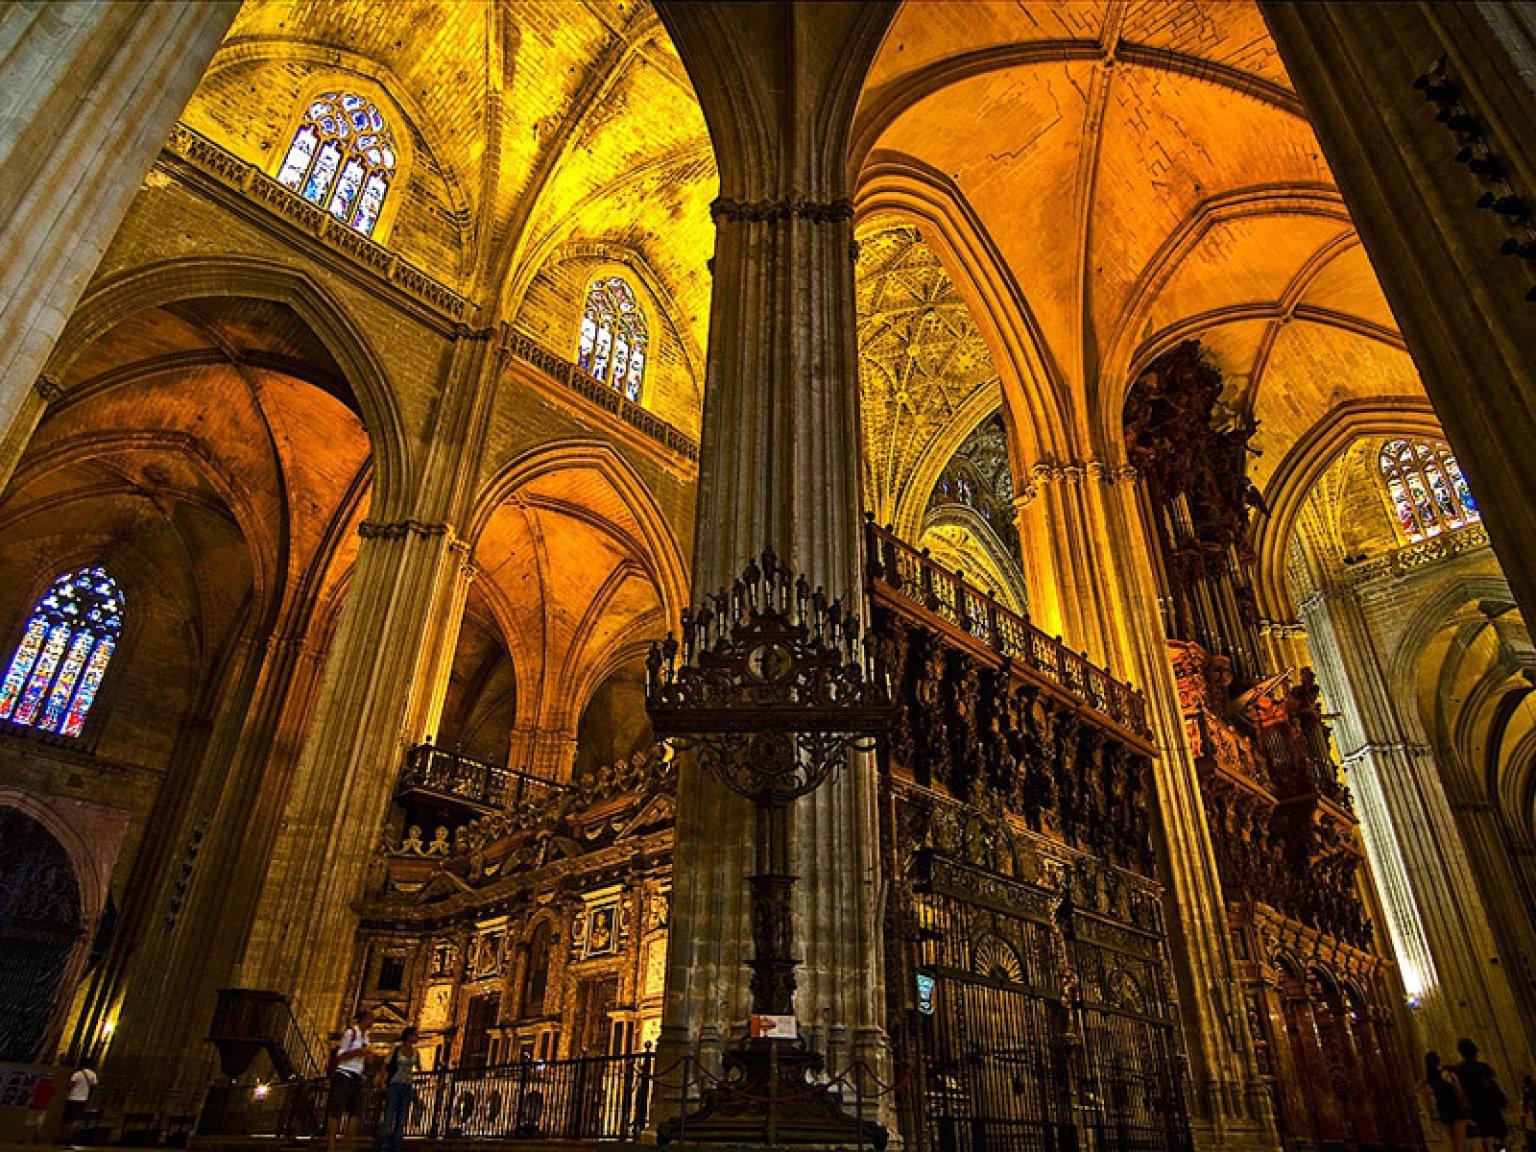 Oferta visita la catedral de sevilla y crucero por el rio guadalquivir - Catedral de sevilla interior ...